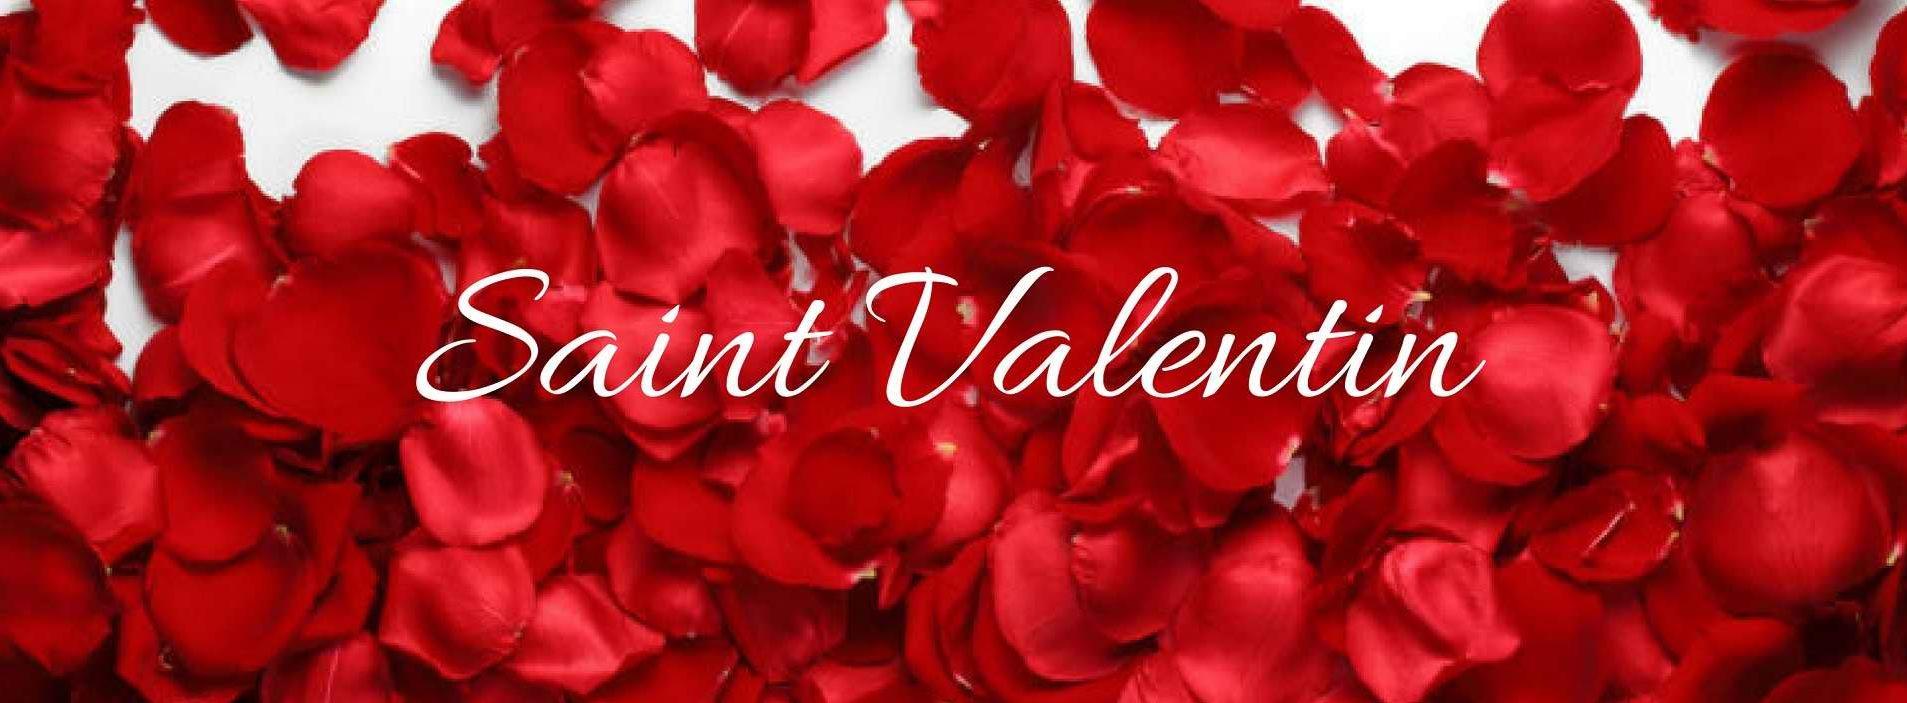 Soirée de la Saint Valentin au Restaurant Vieux Bois Geneve